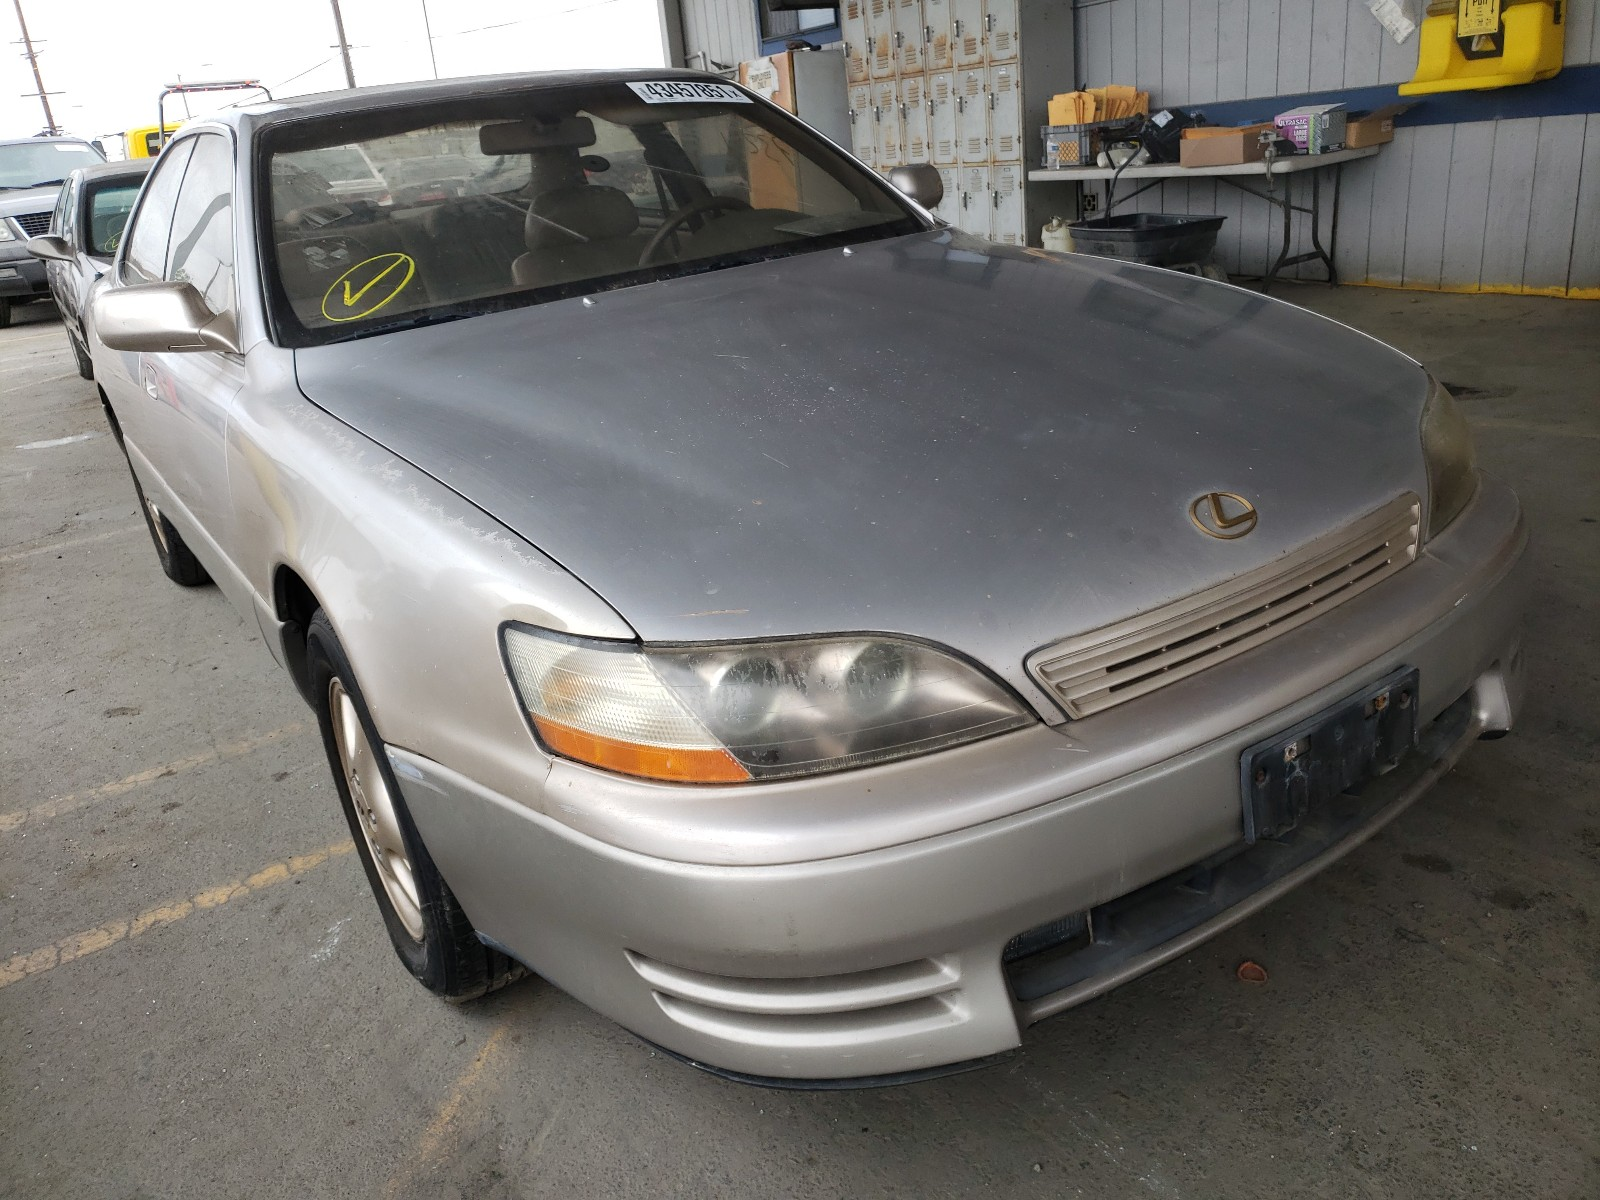 1995 LEXUS ES 300 - JT8GK13T9S0086477